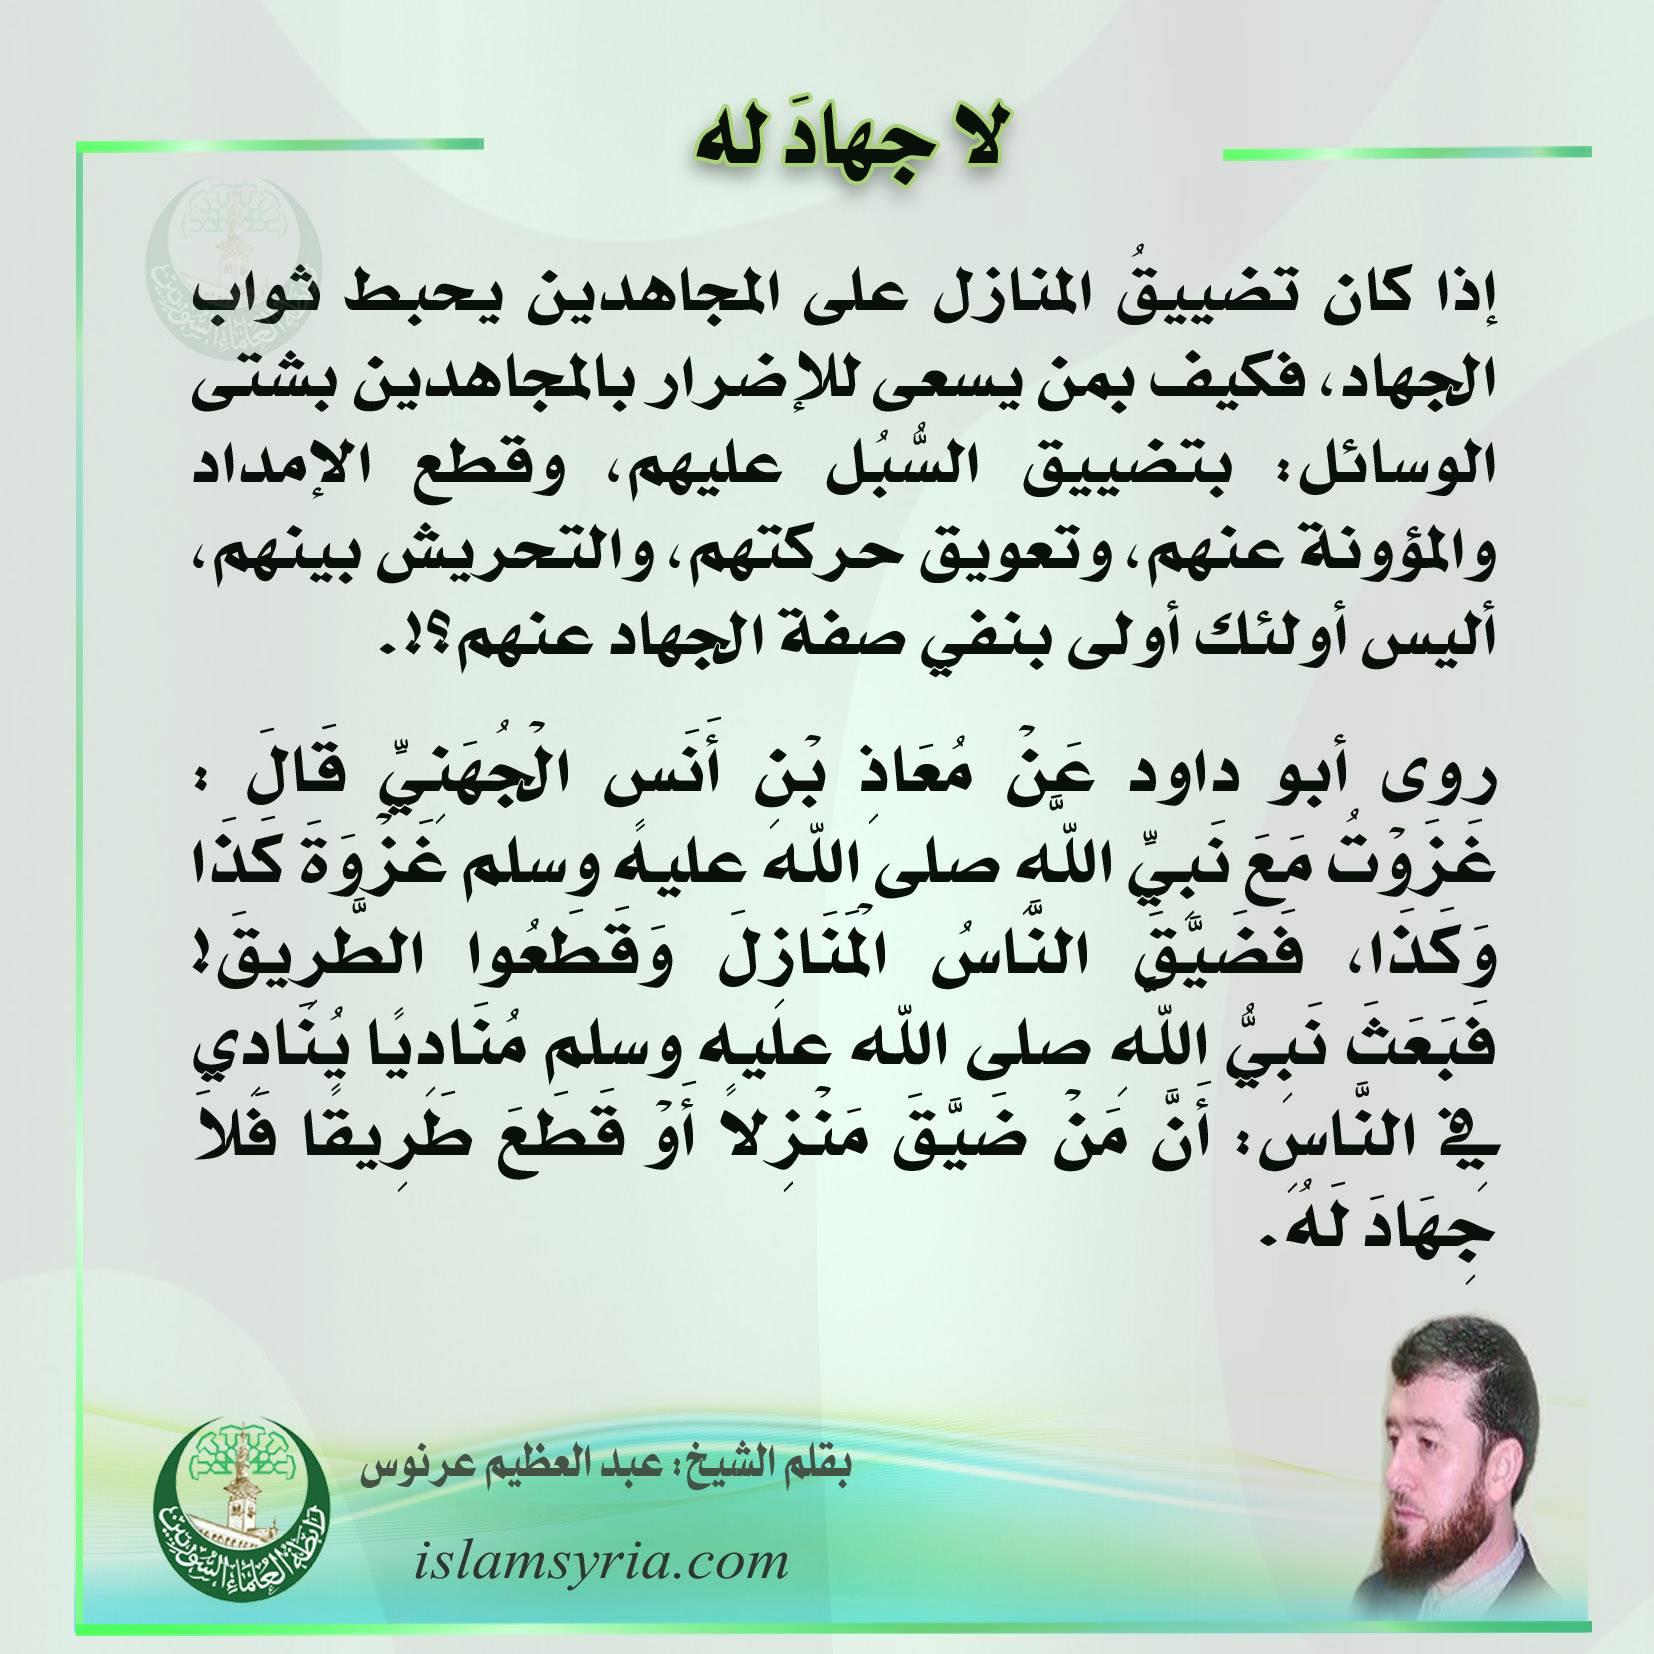 لا جهاد له||الشيخ عبد العظيم عرنوس